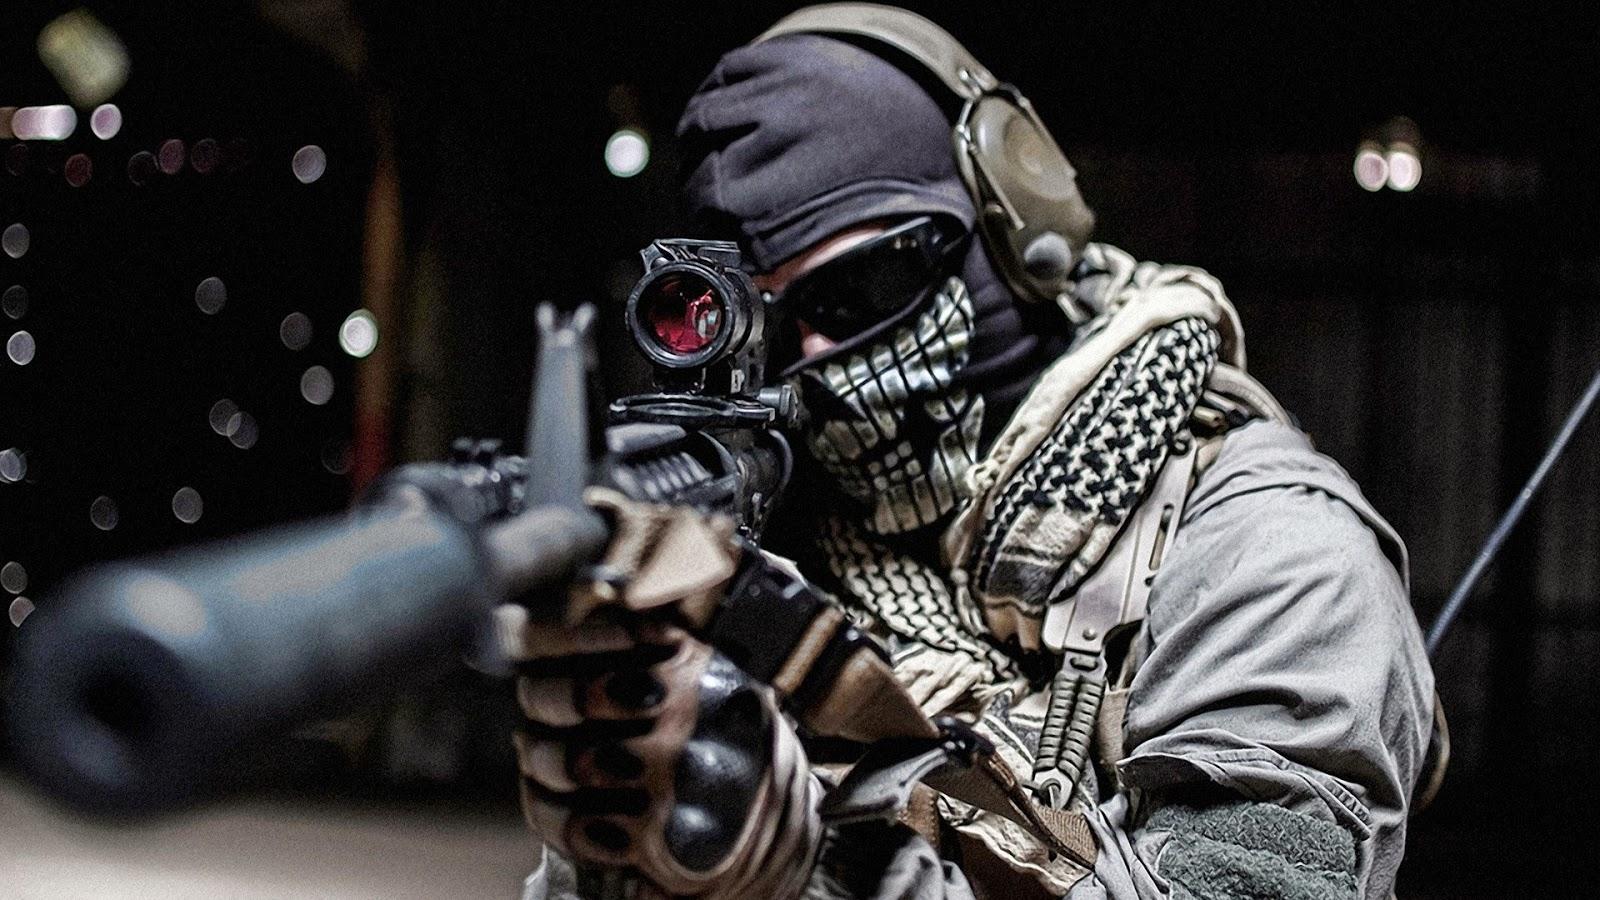 تحميل لعبة  نداء الواجب Call of Duty: Ghosts 2014 - تحميل العاب